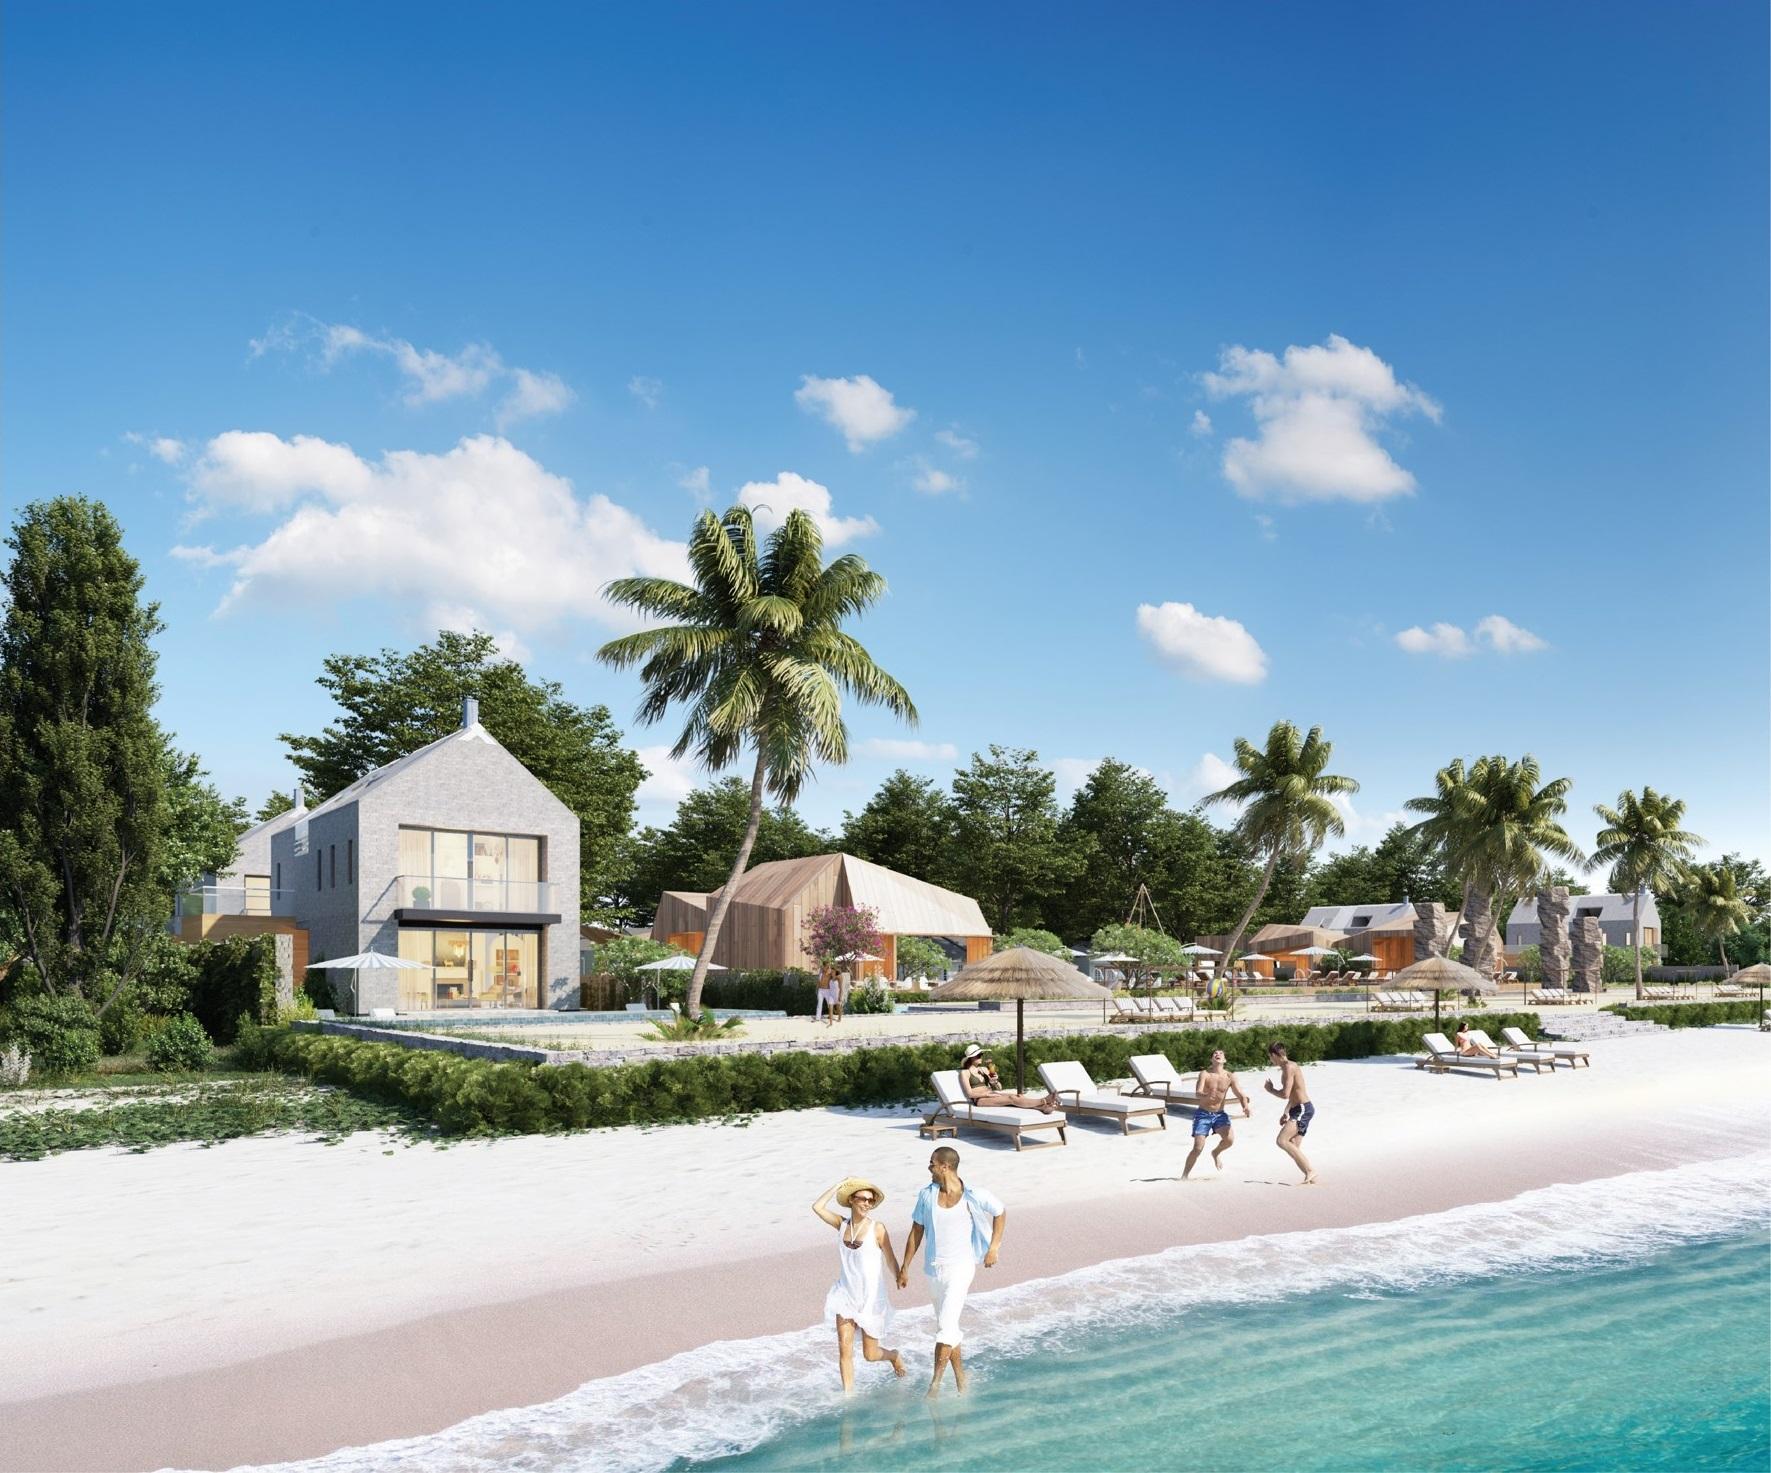 Bãi tắm riêng Perolas Villas Resort